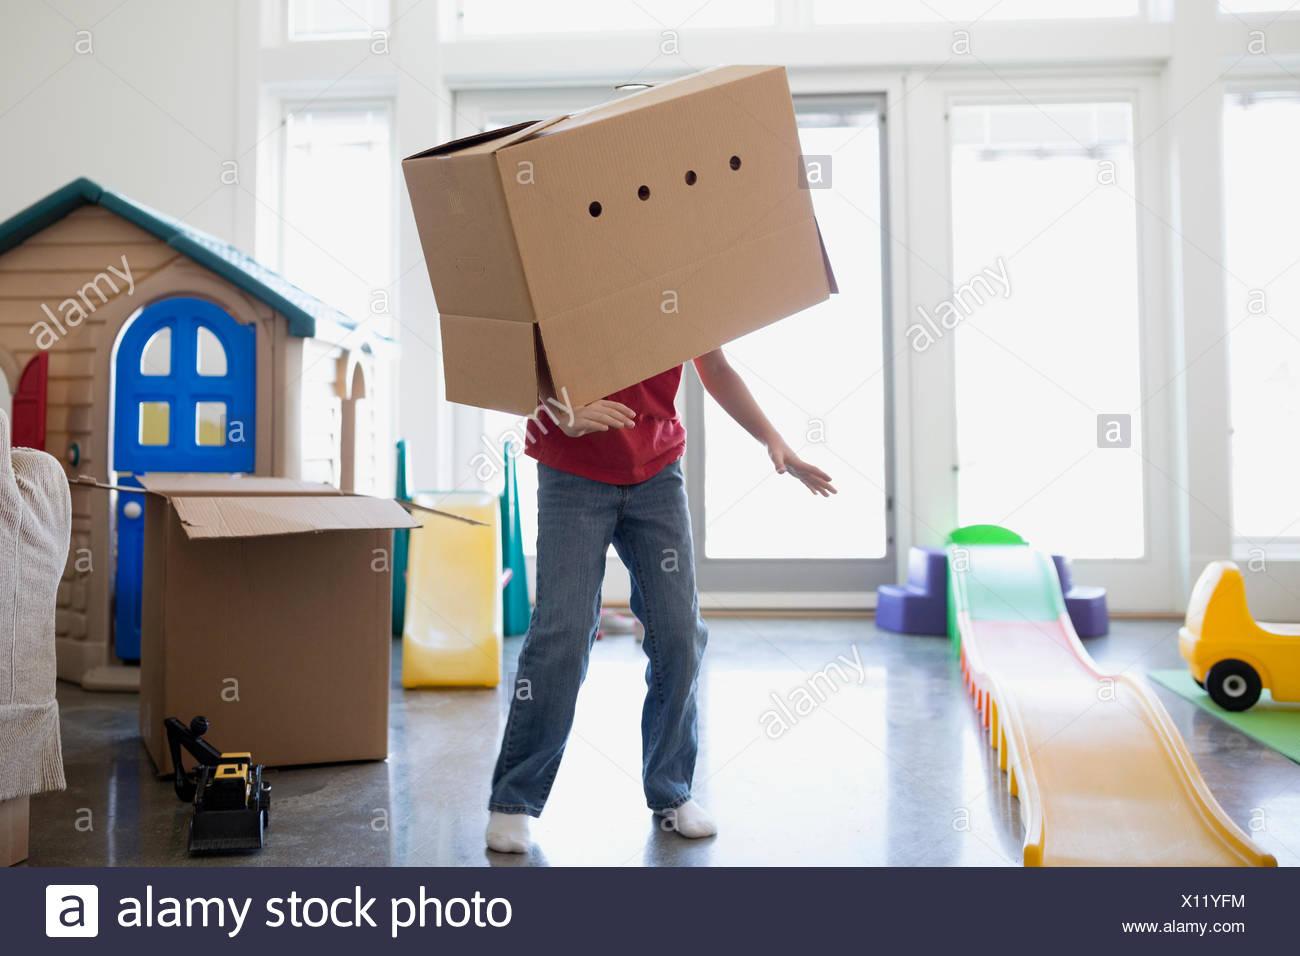 Giocoso ragazzo ballando con scatola di cartone sulla testa Immagini Stock